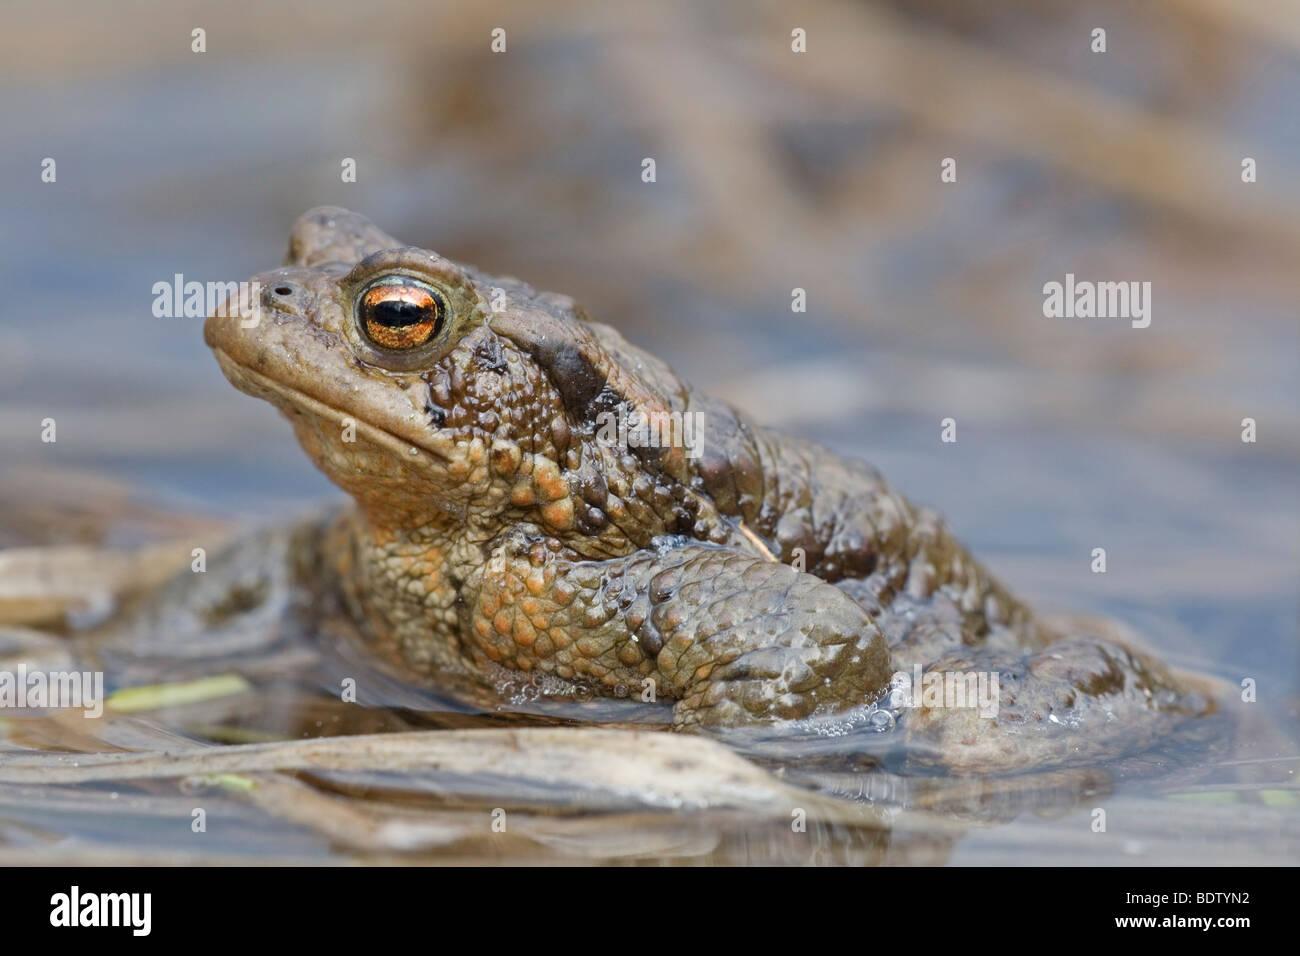 Erdkroete, Common Toad (Bufo bufo) Stock Photo